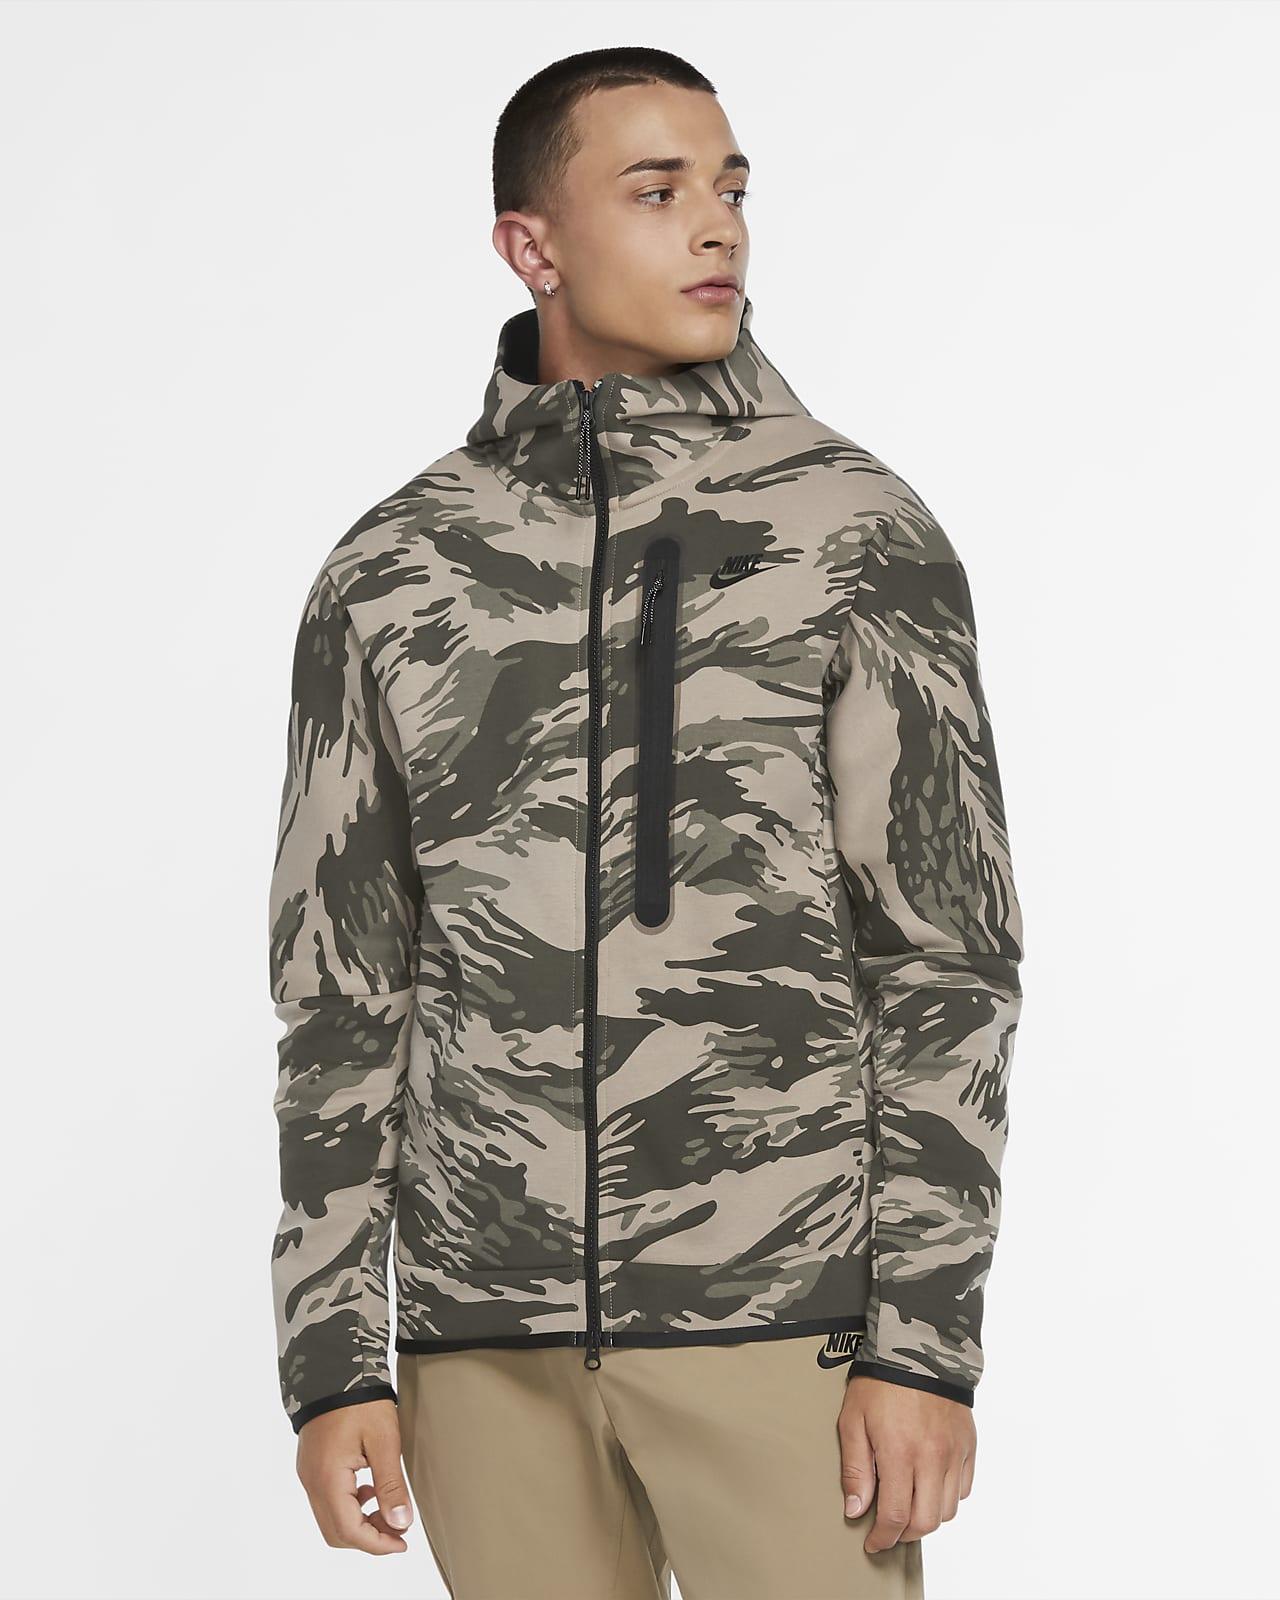 Nike Sportswear Tech Fleece Men's Full-Zip Camo Hoodie